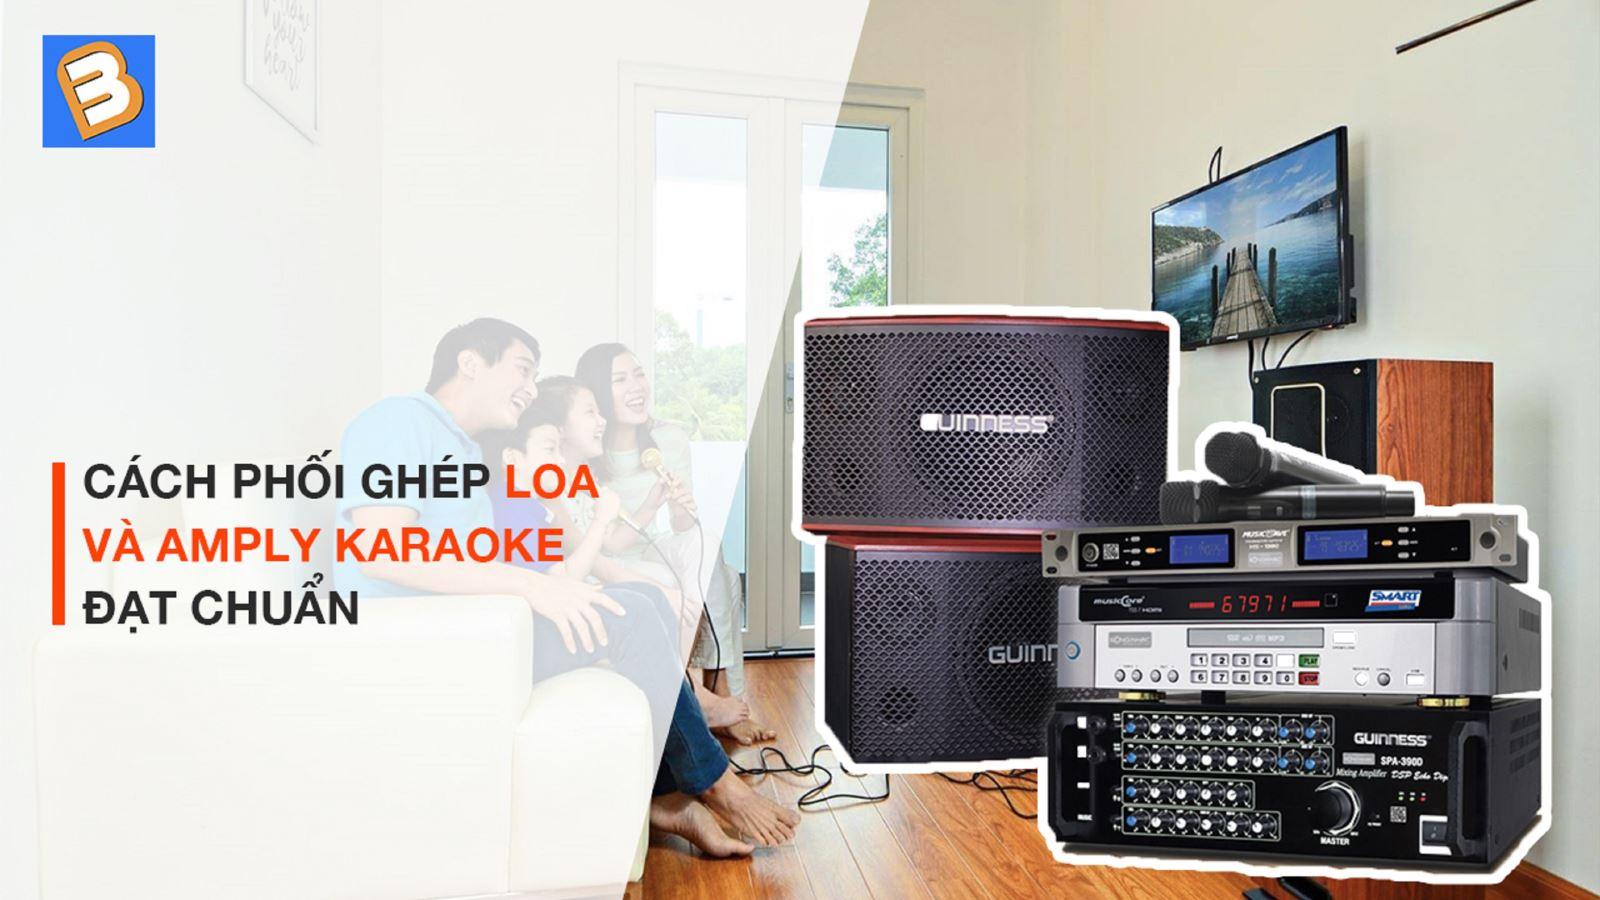 Cách phối ghép loa và amply karaoke đạt chuẩn